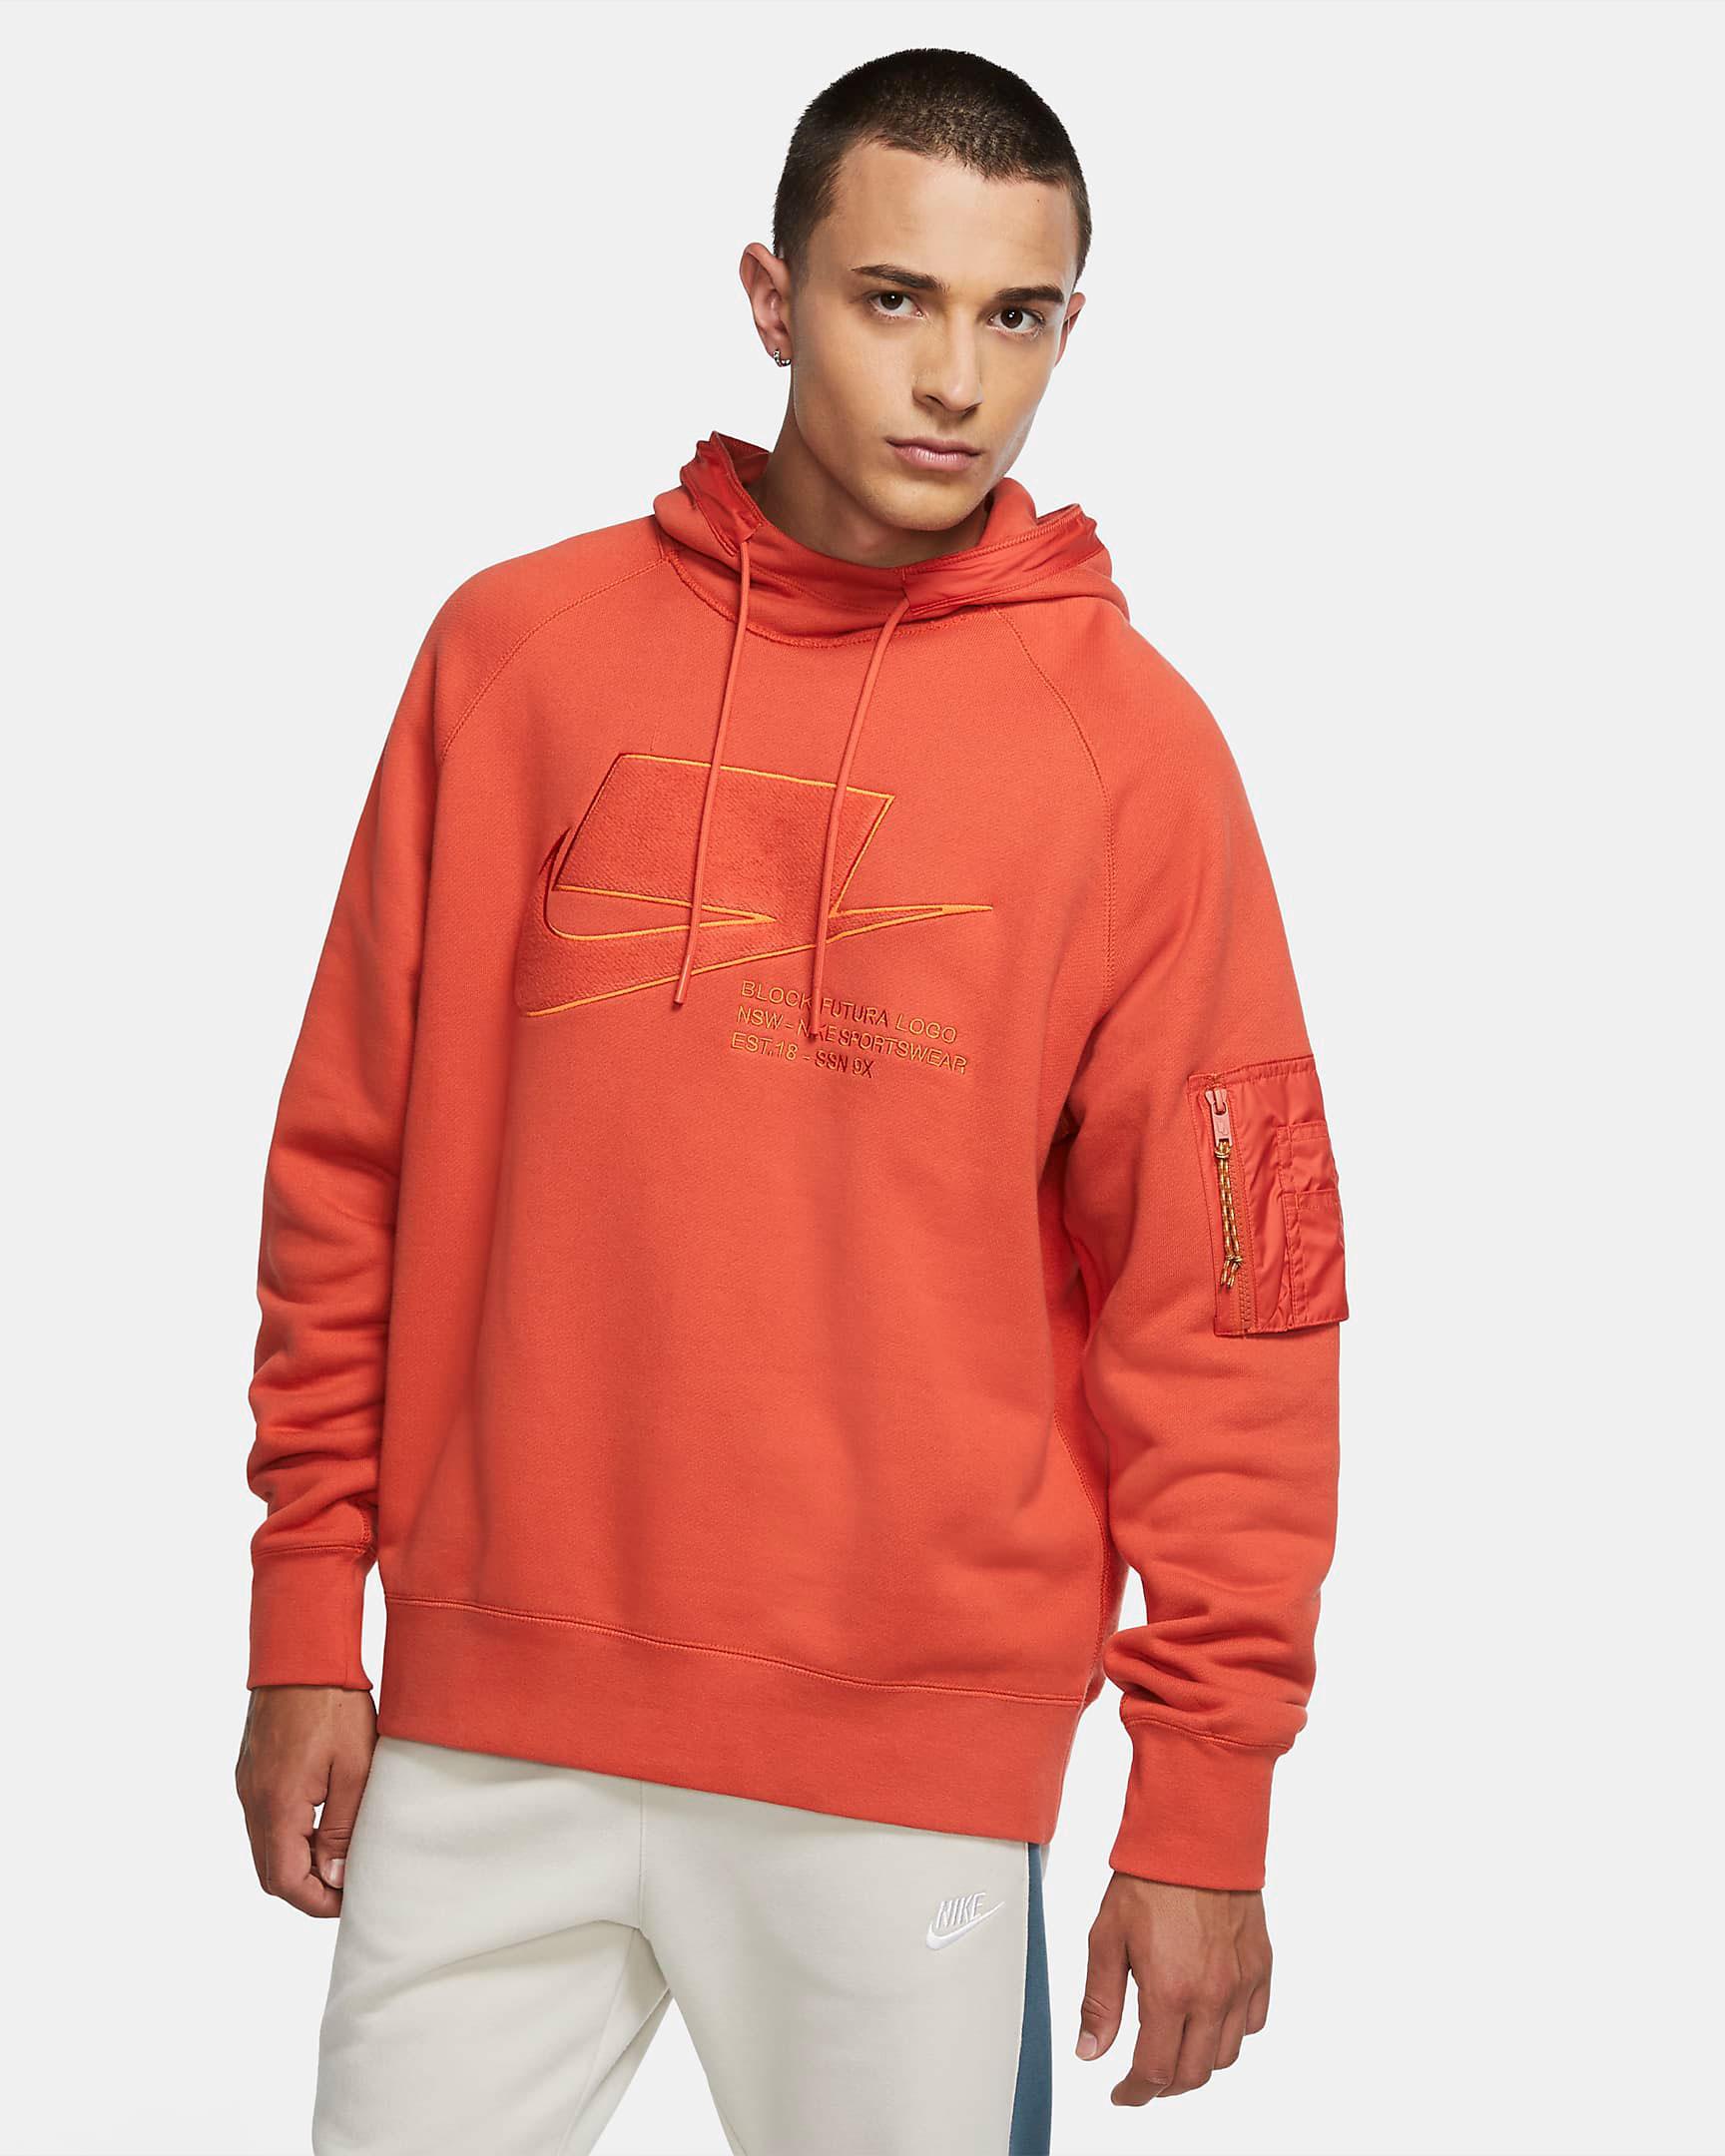 nike-air-force-1-craft-mantra-orange-hoodie